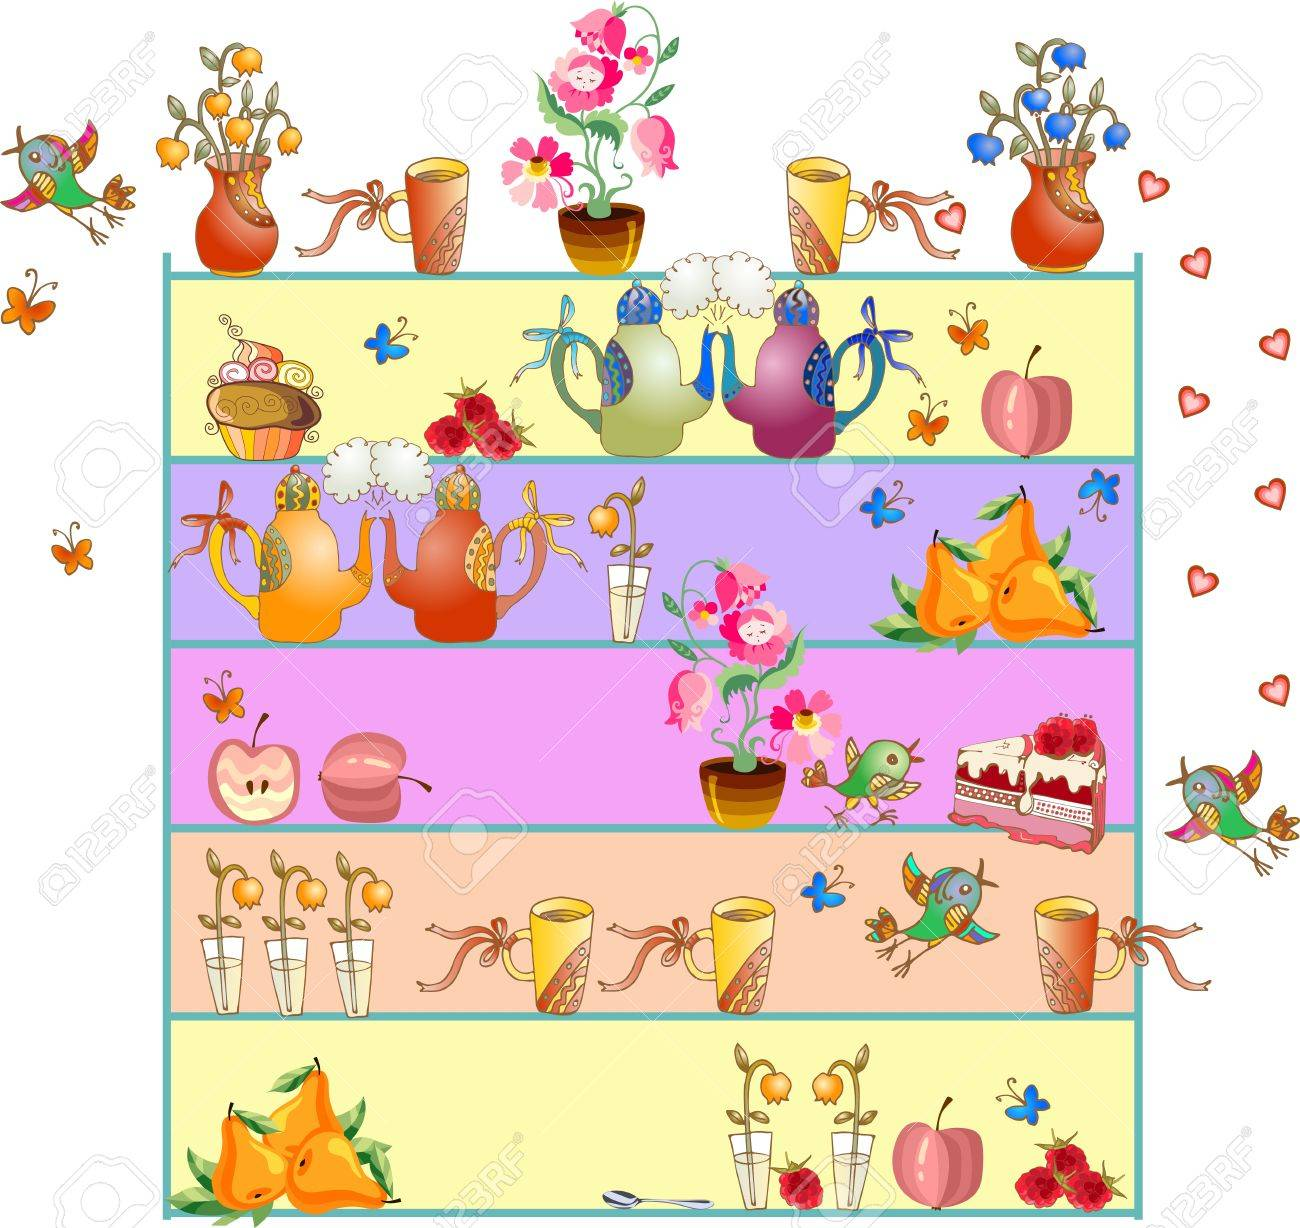 Regale Mit Teekannen Teetassen Blumen Apfel Birnen Kuchen Fliegende Vogel Und Schmetterlinge Nette Kuchengestaltung Schone Bunte Vektor Illustration Hand Gezeichnet Lizenzfrei Nutzbare Vektorgrafiken Clip Arts Illustrationen Image 54922325